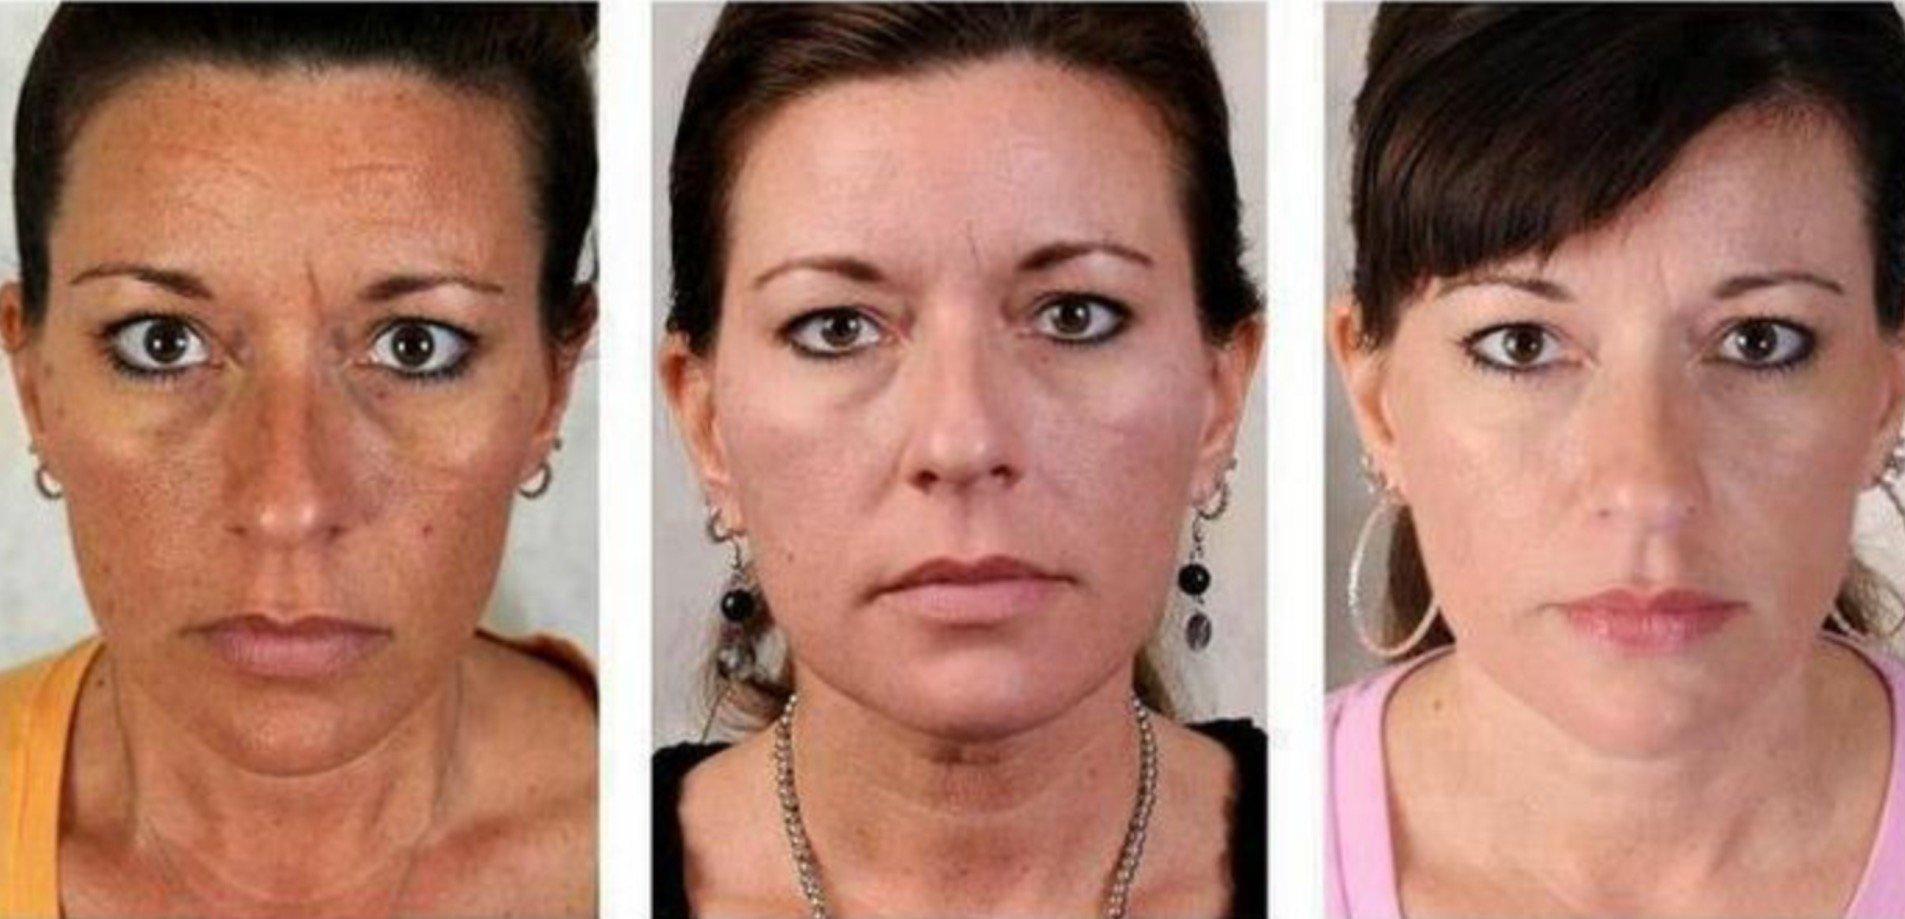 fehéríti a bőrt a vörös foltoktól az arc bőrét vörös, száraz foltok borítják